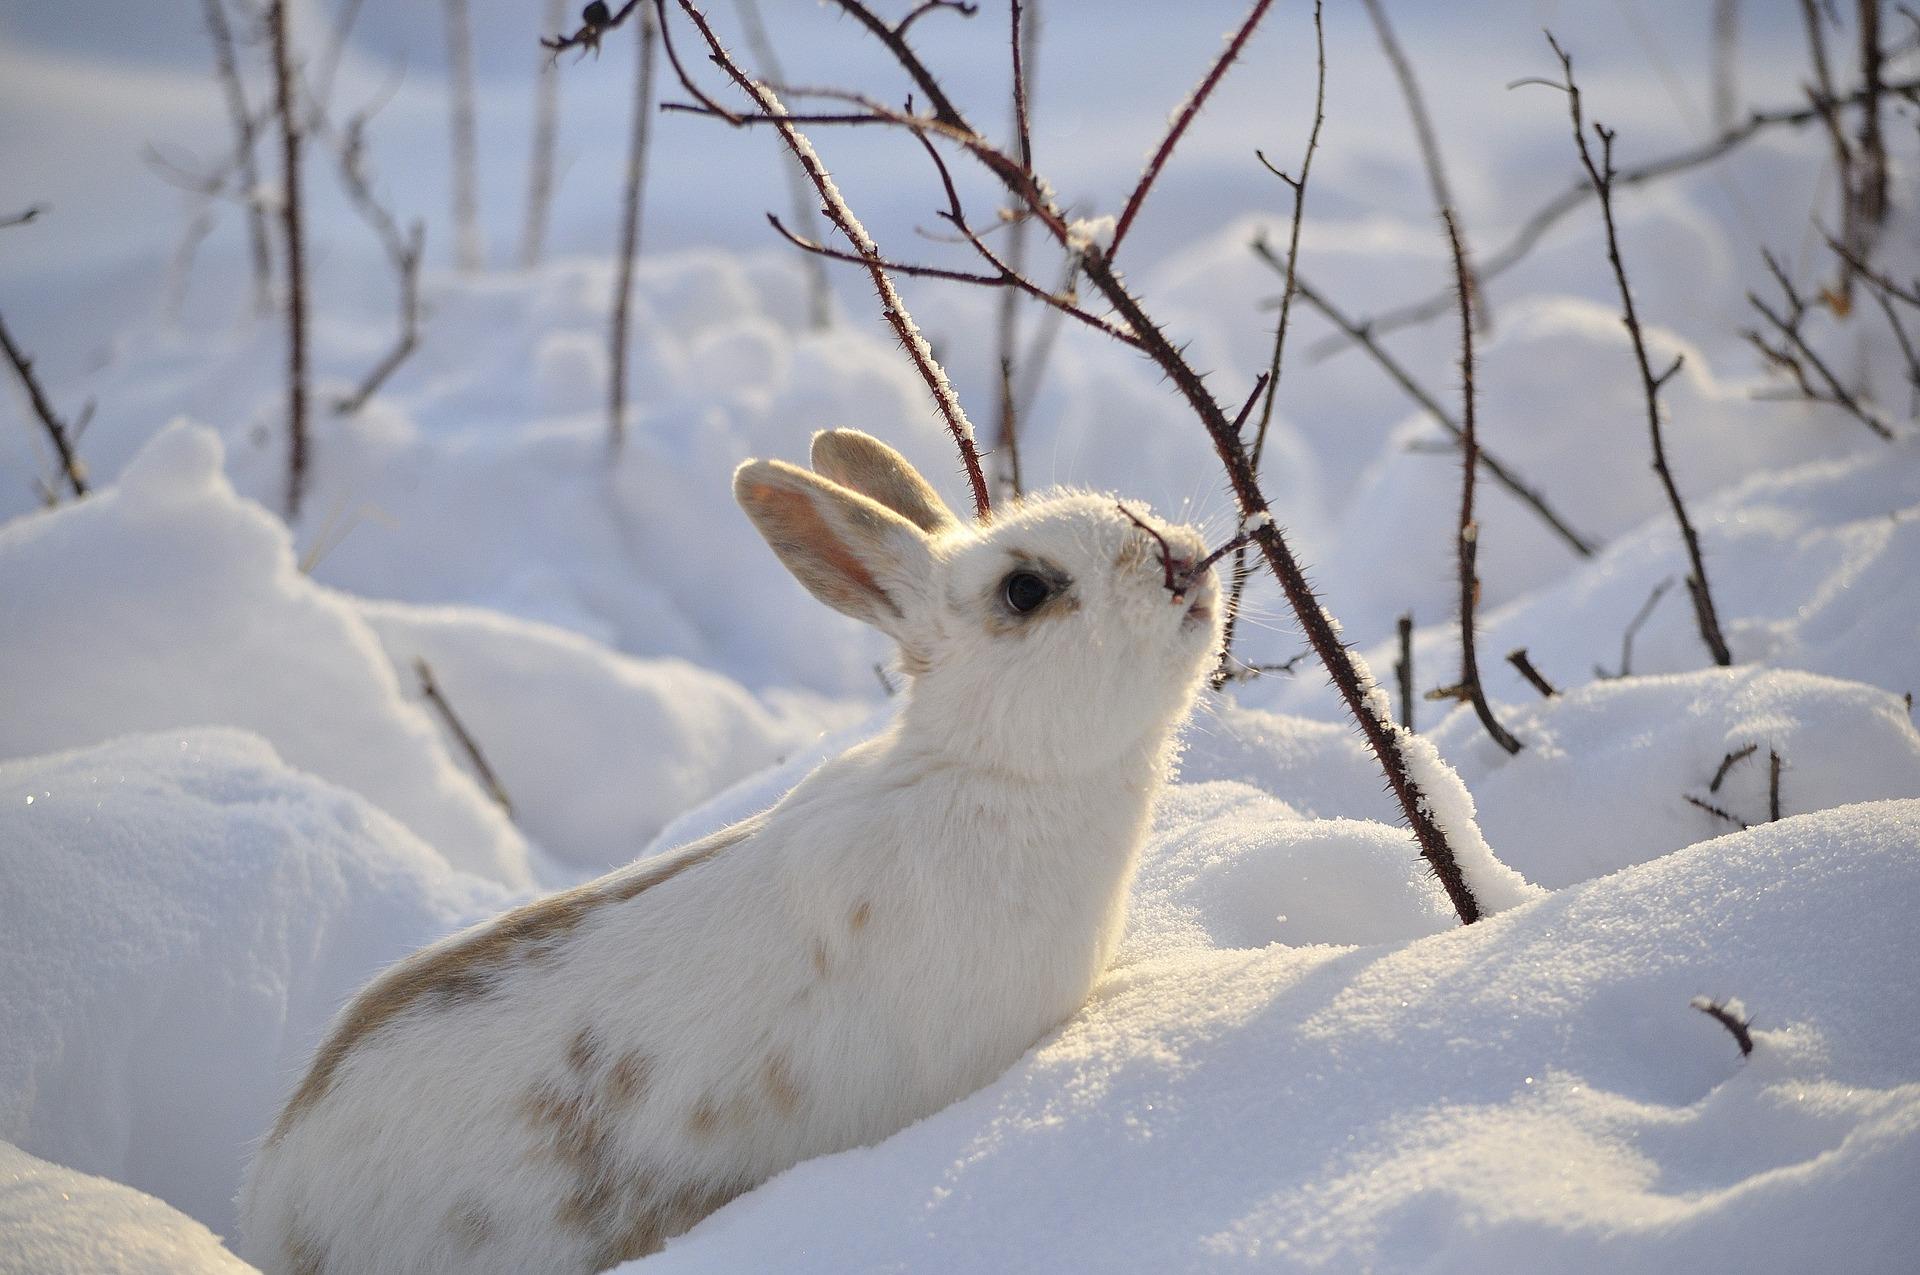 Konijn in sneeuw | Hopster vzw